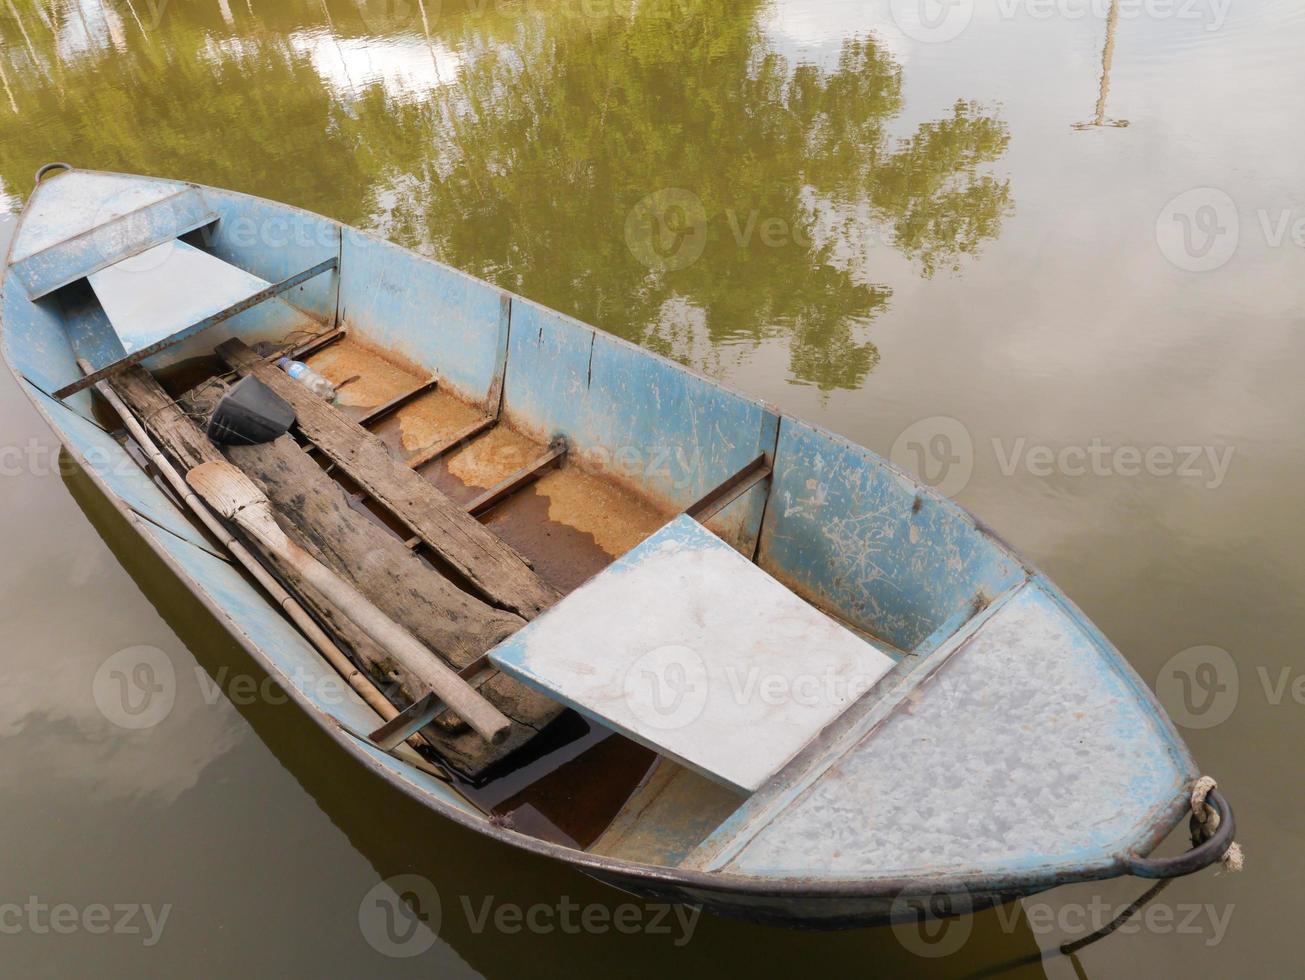 ijzeren boot foto